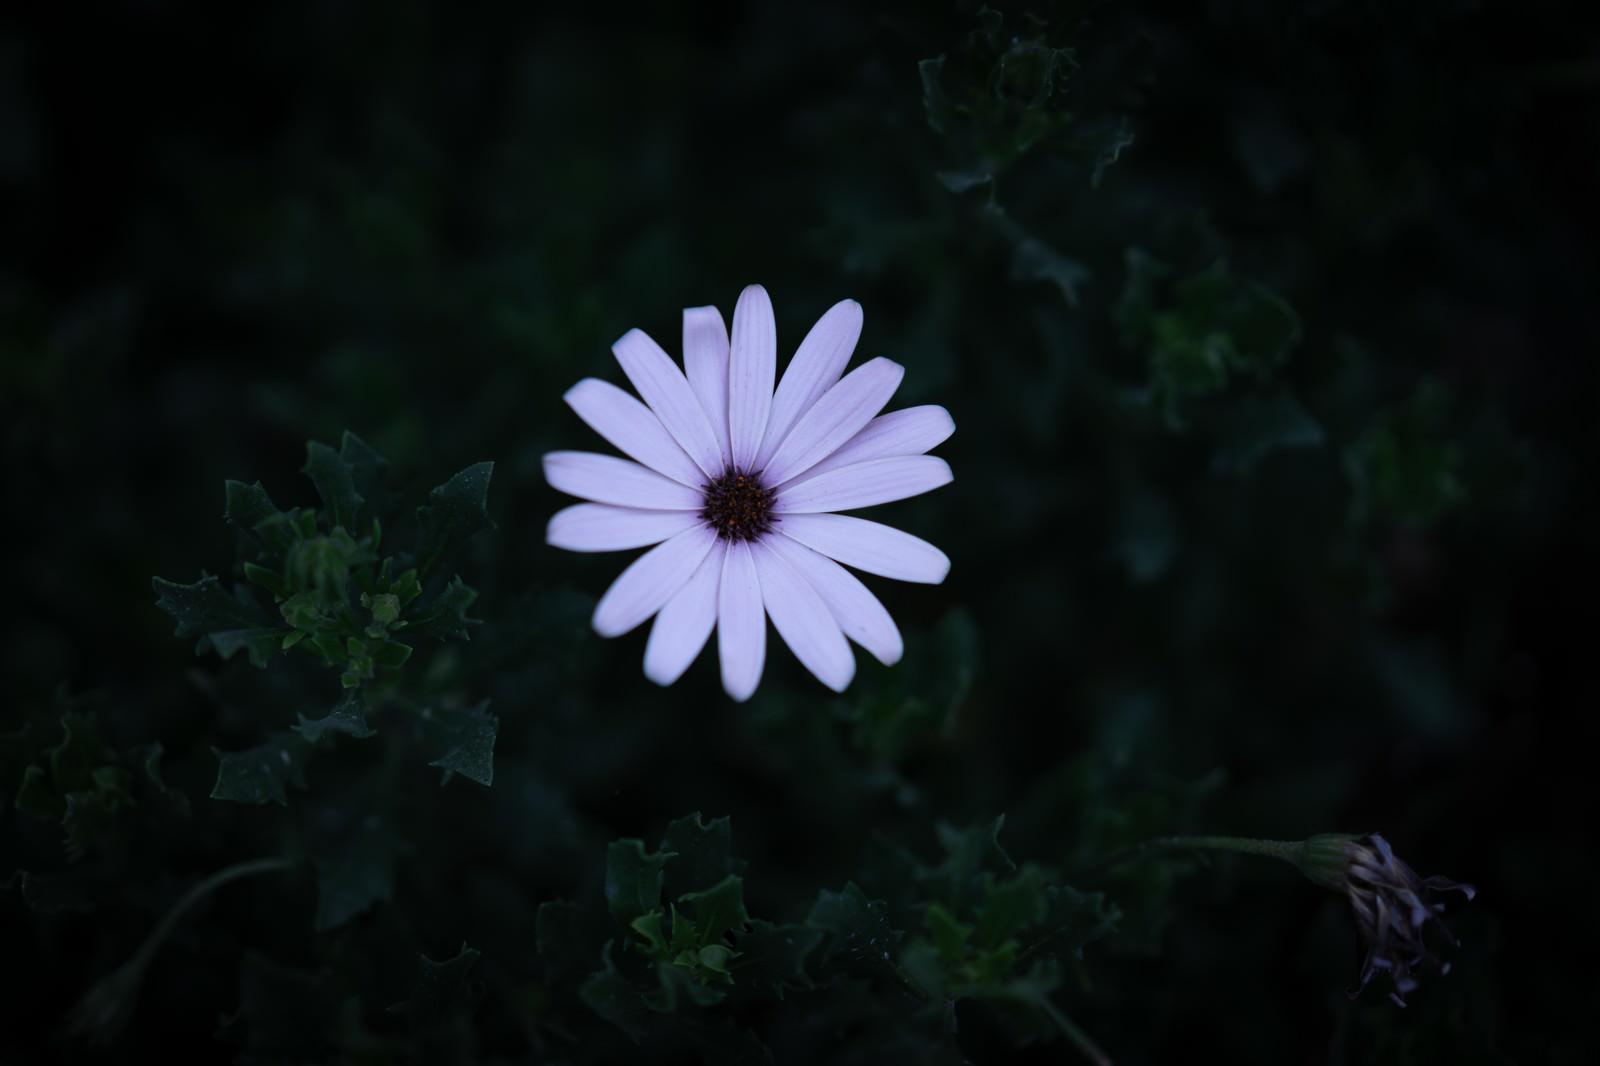 「夜道に咲く白いオステオスペルマム」の写真